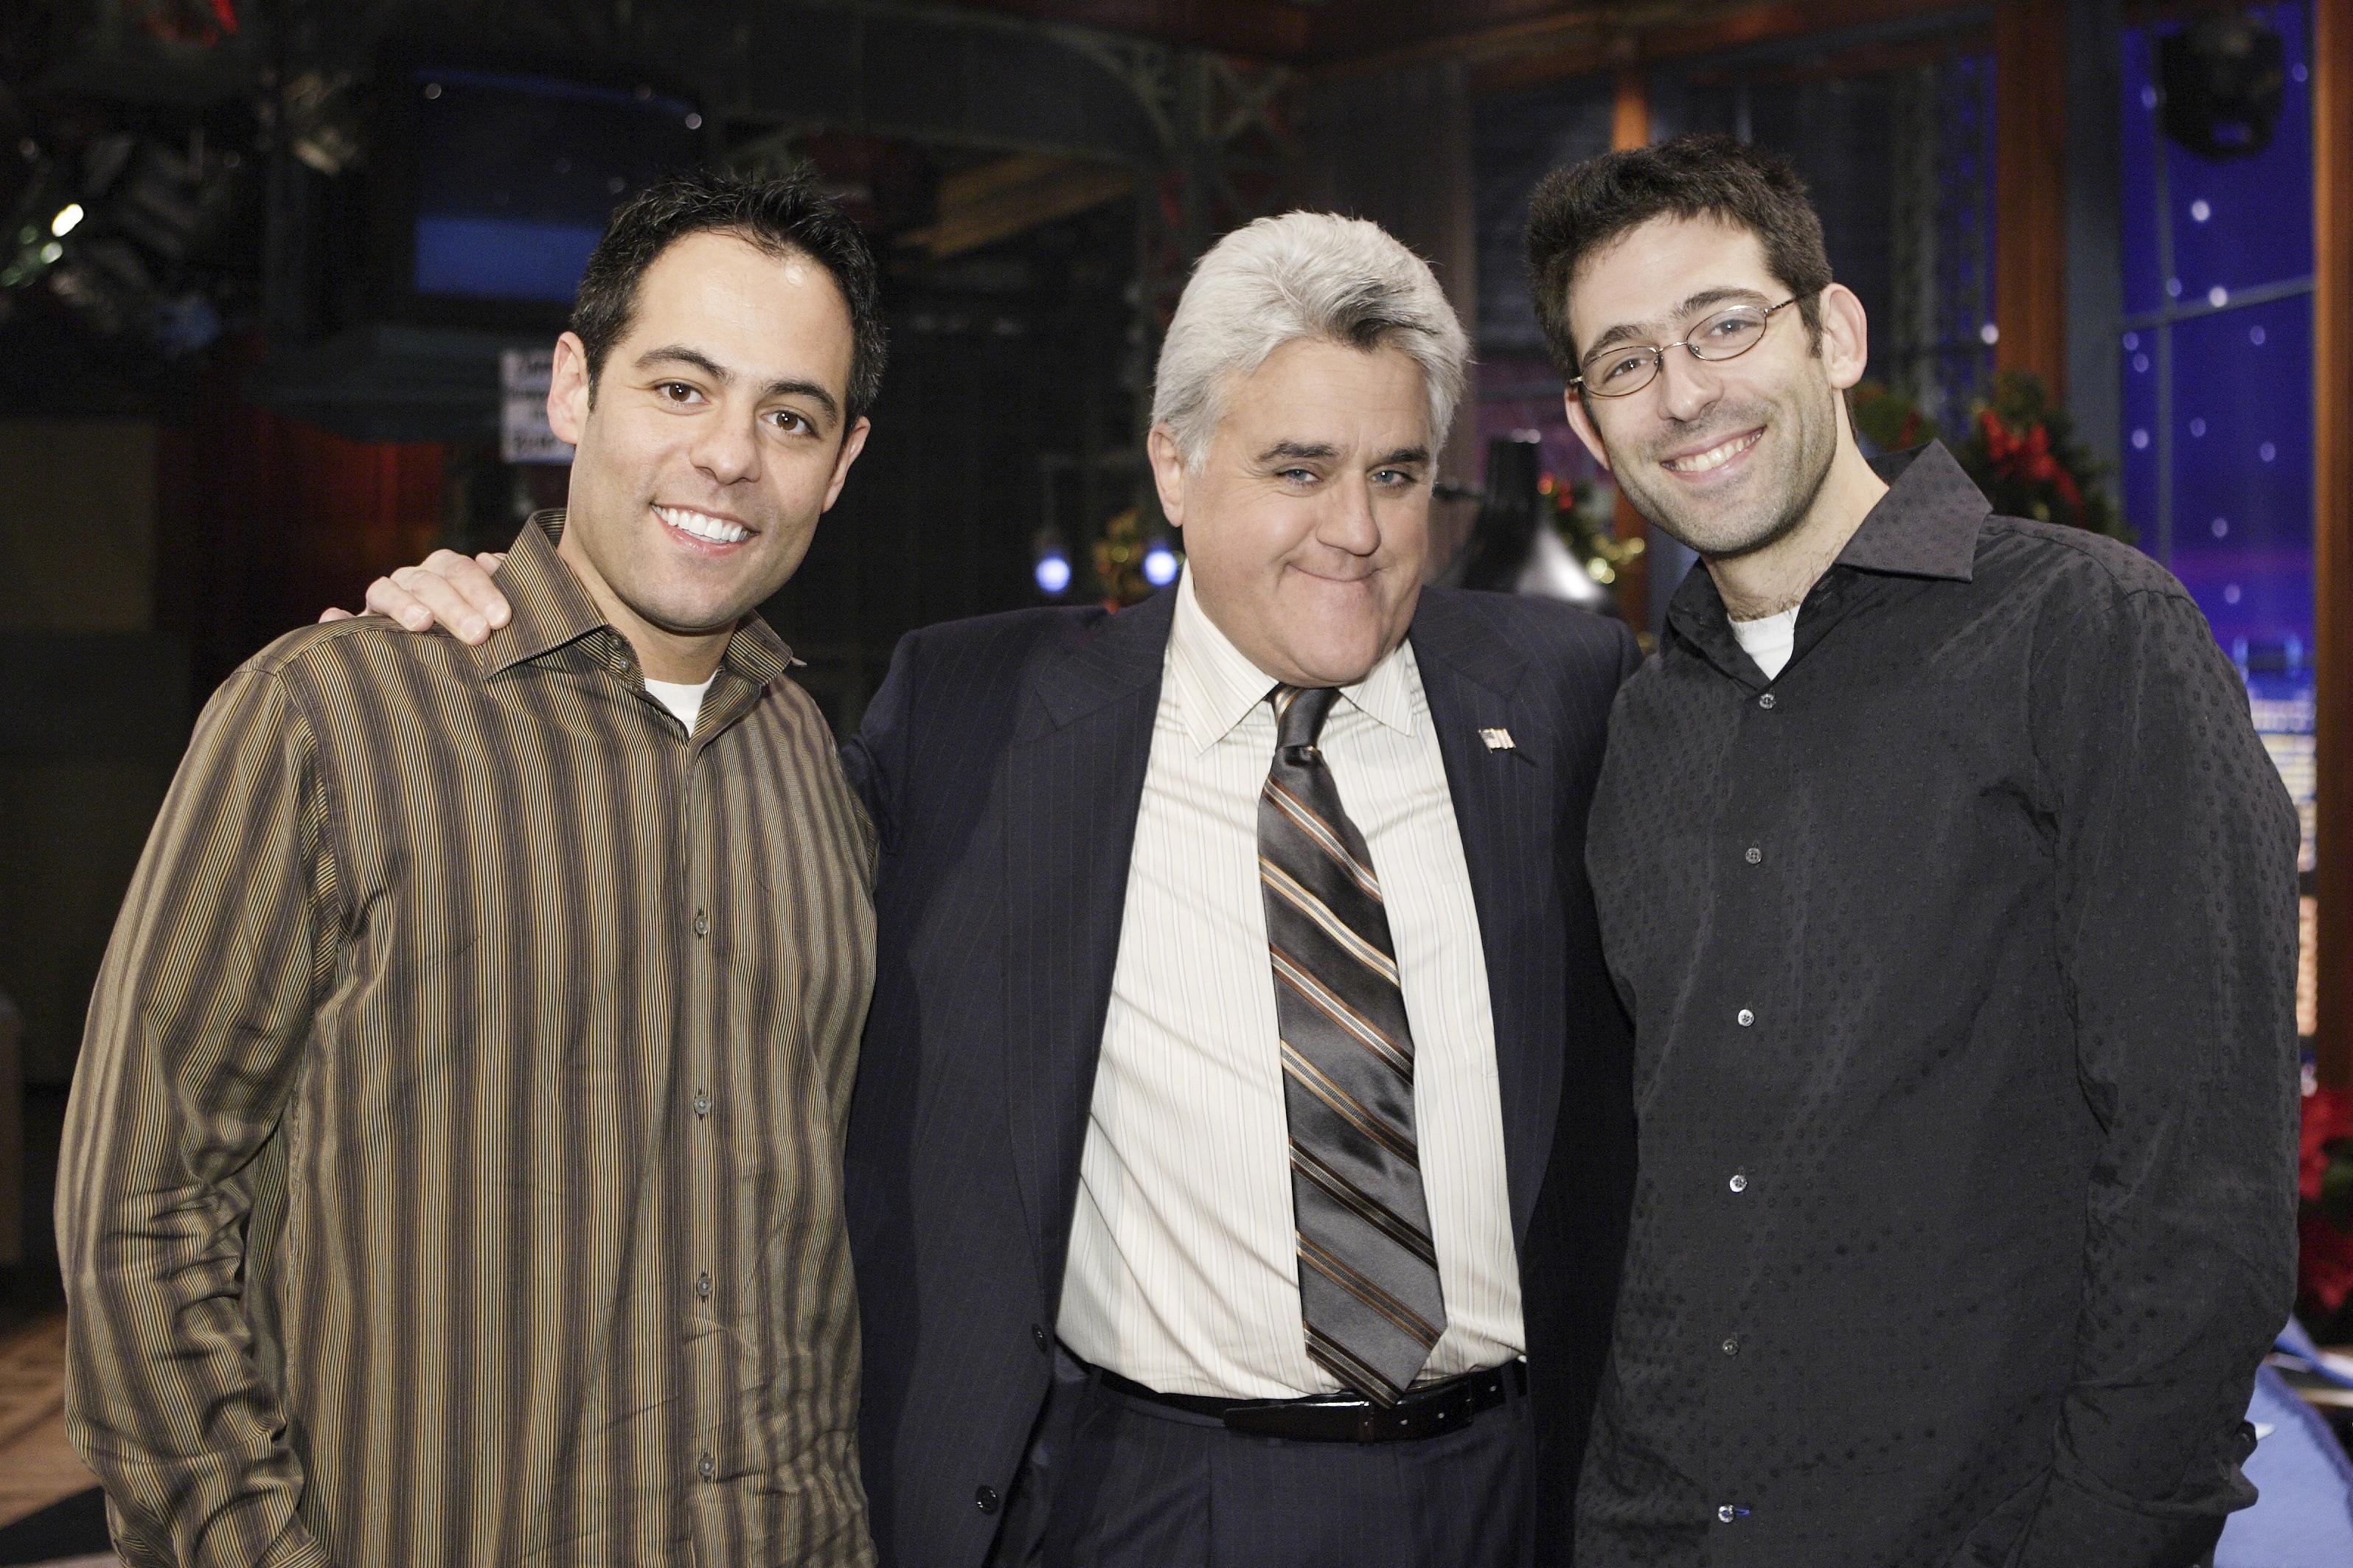 The Tonight Show with Jay Leno - Season 15